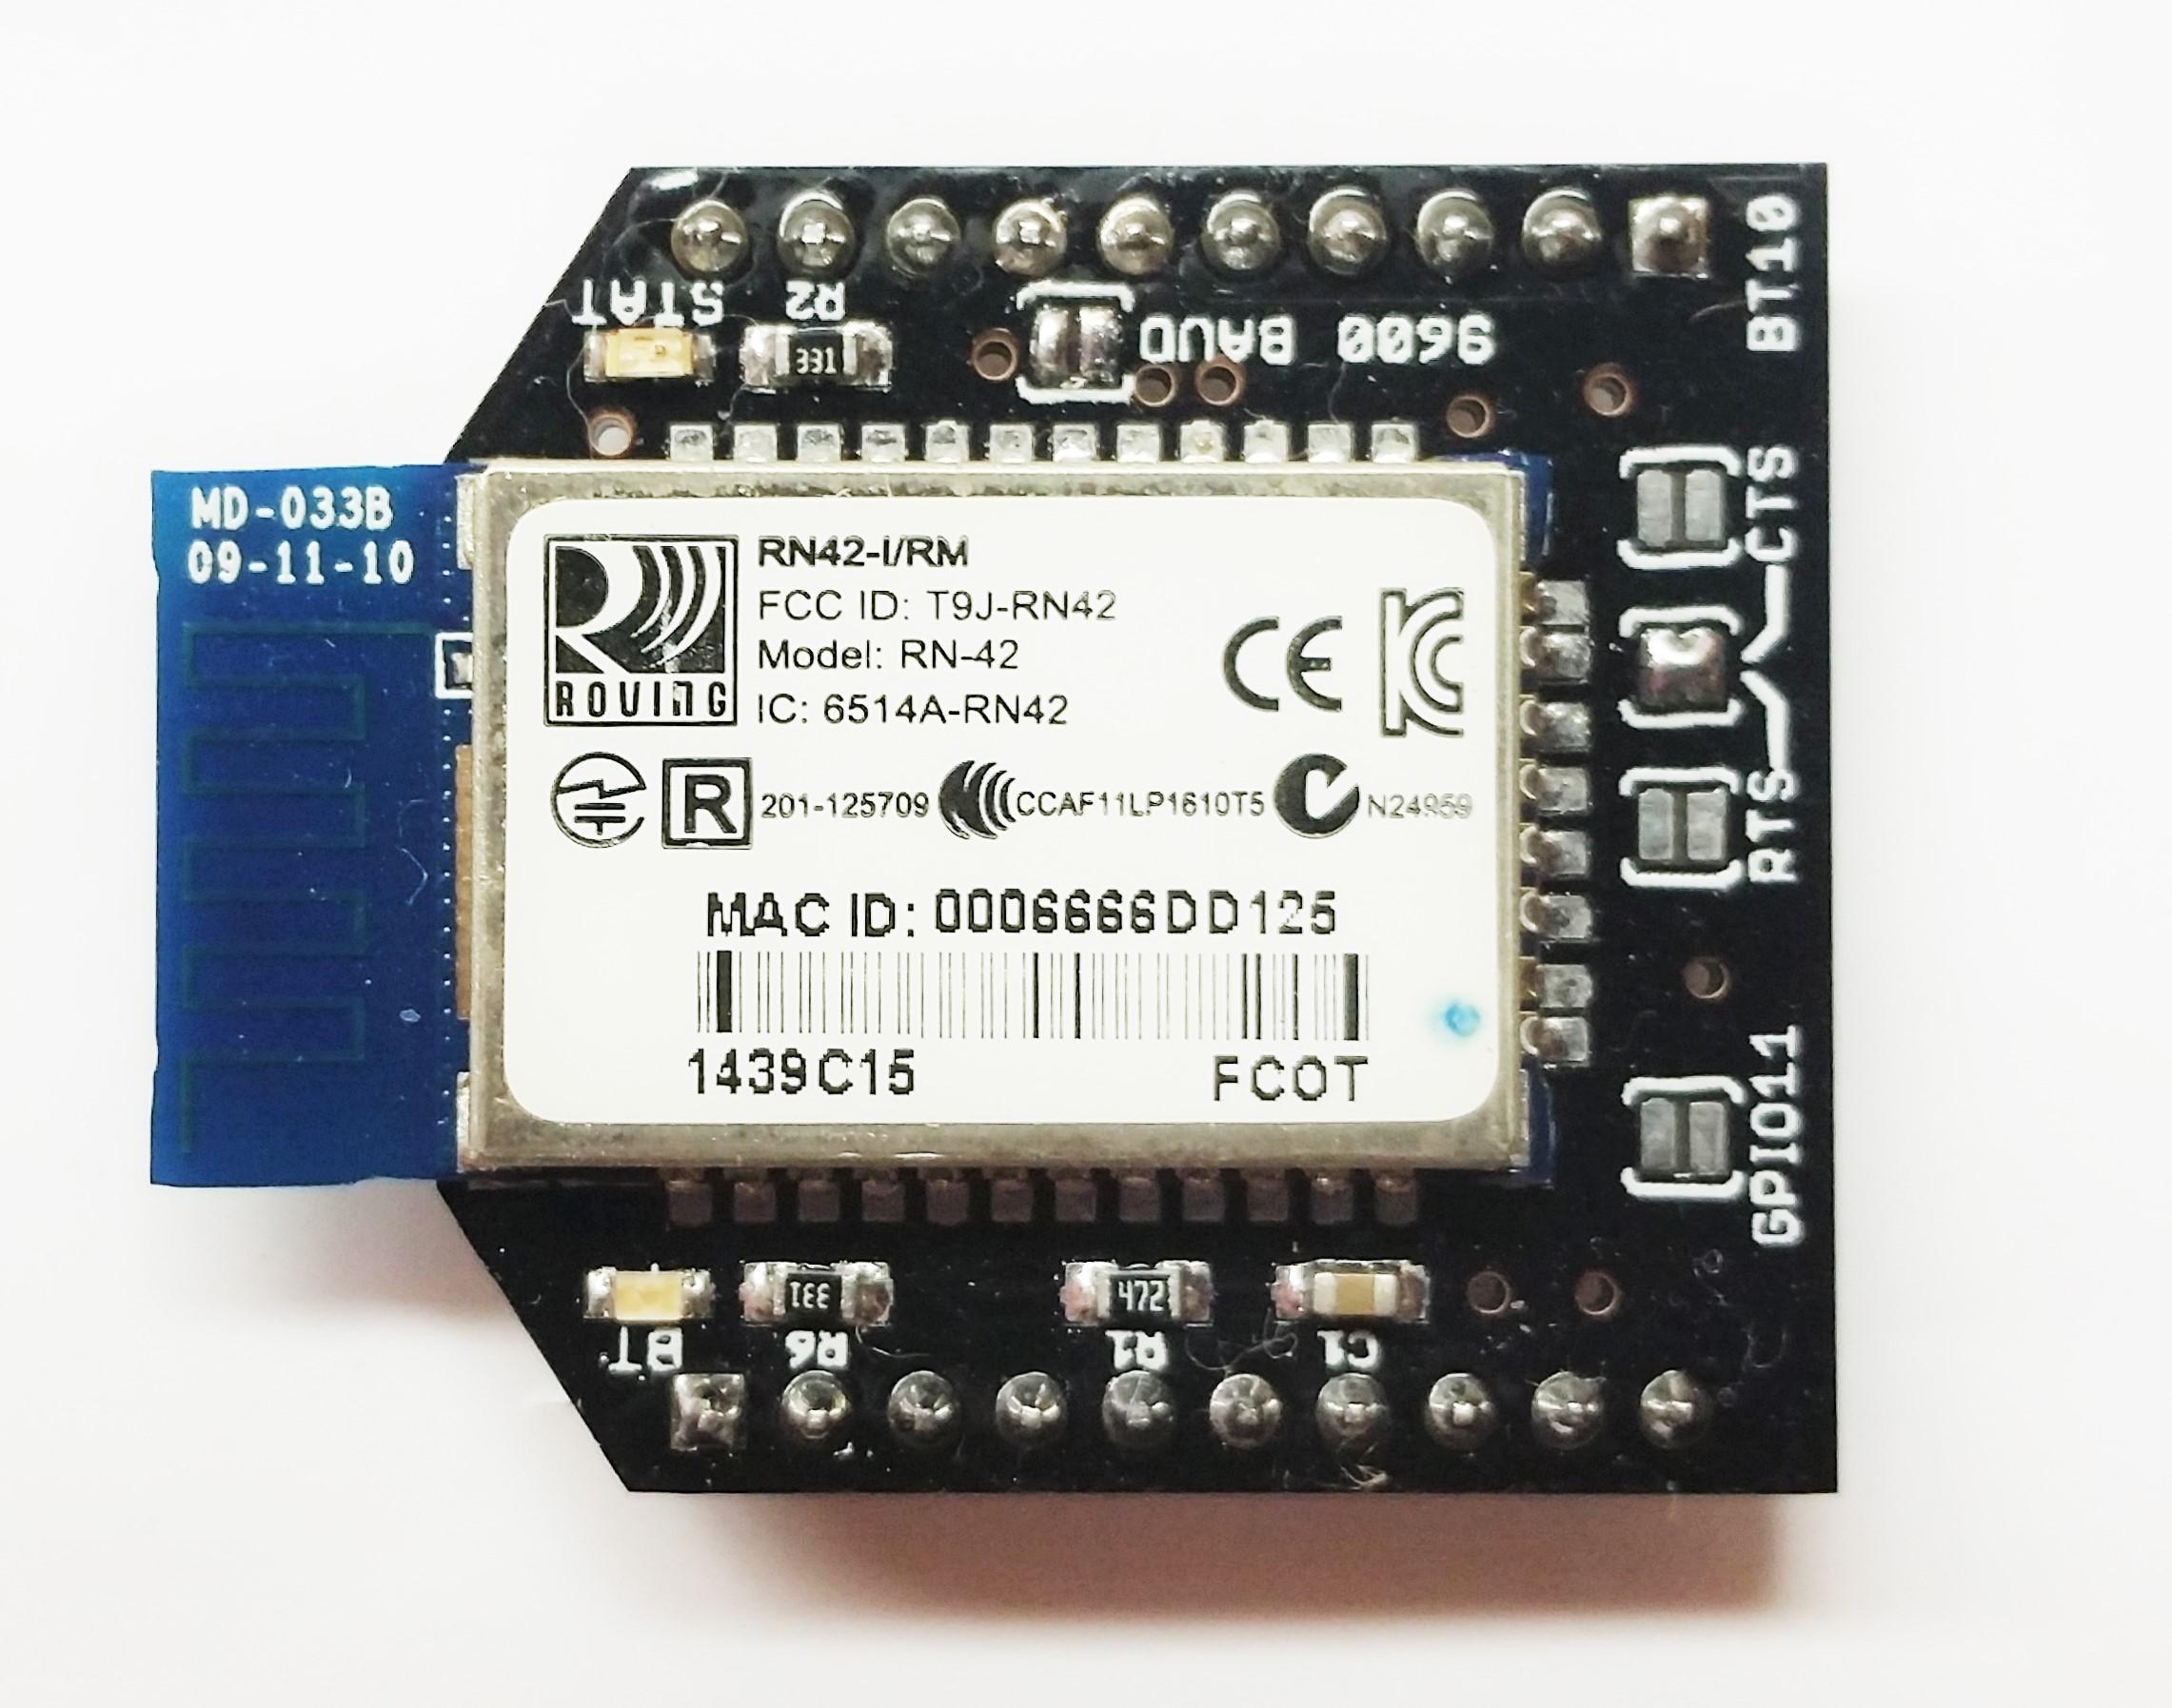 BT10 Board